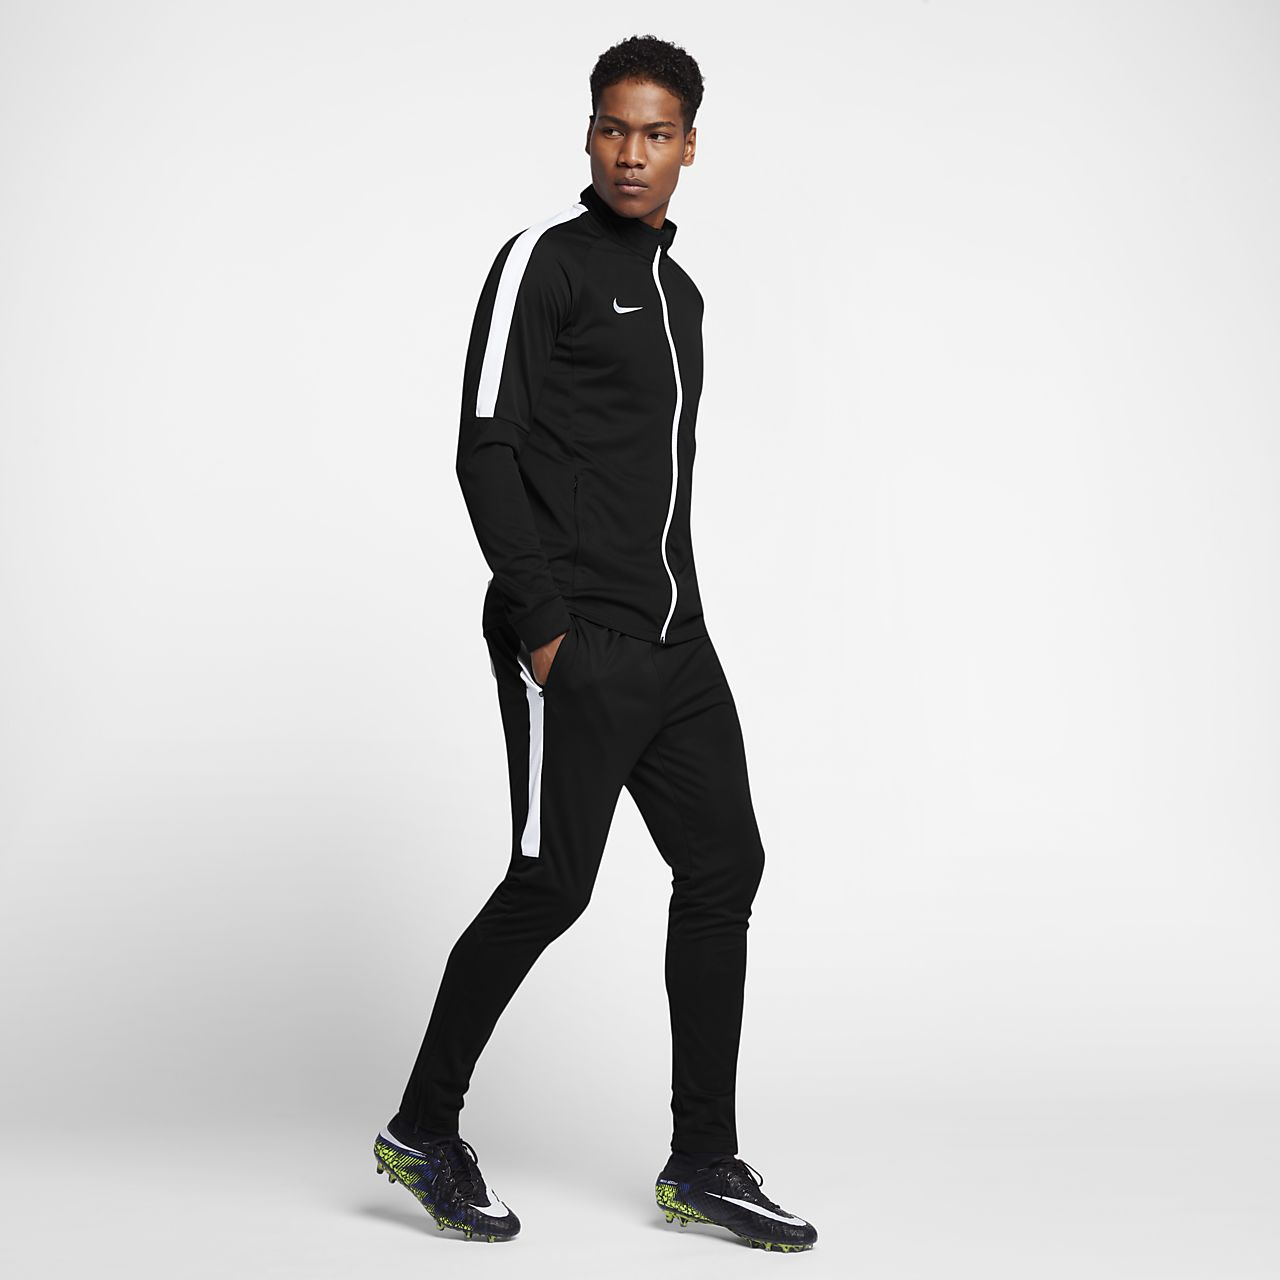 14b759db Conjunto de entrenamiento para fútbol para hombre Nike Dri-FIT. Nike ...